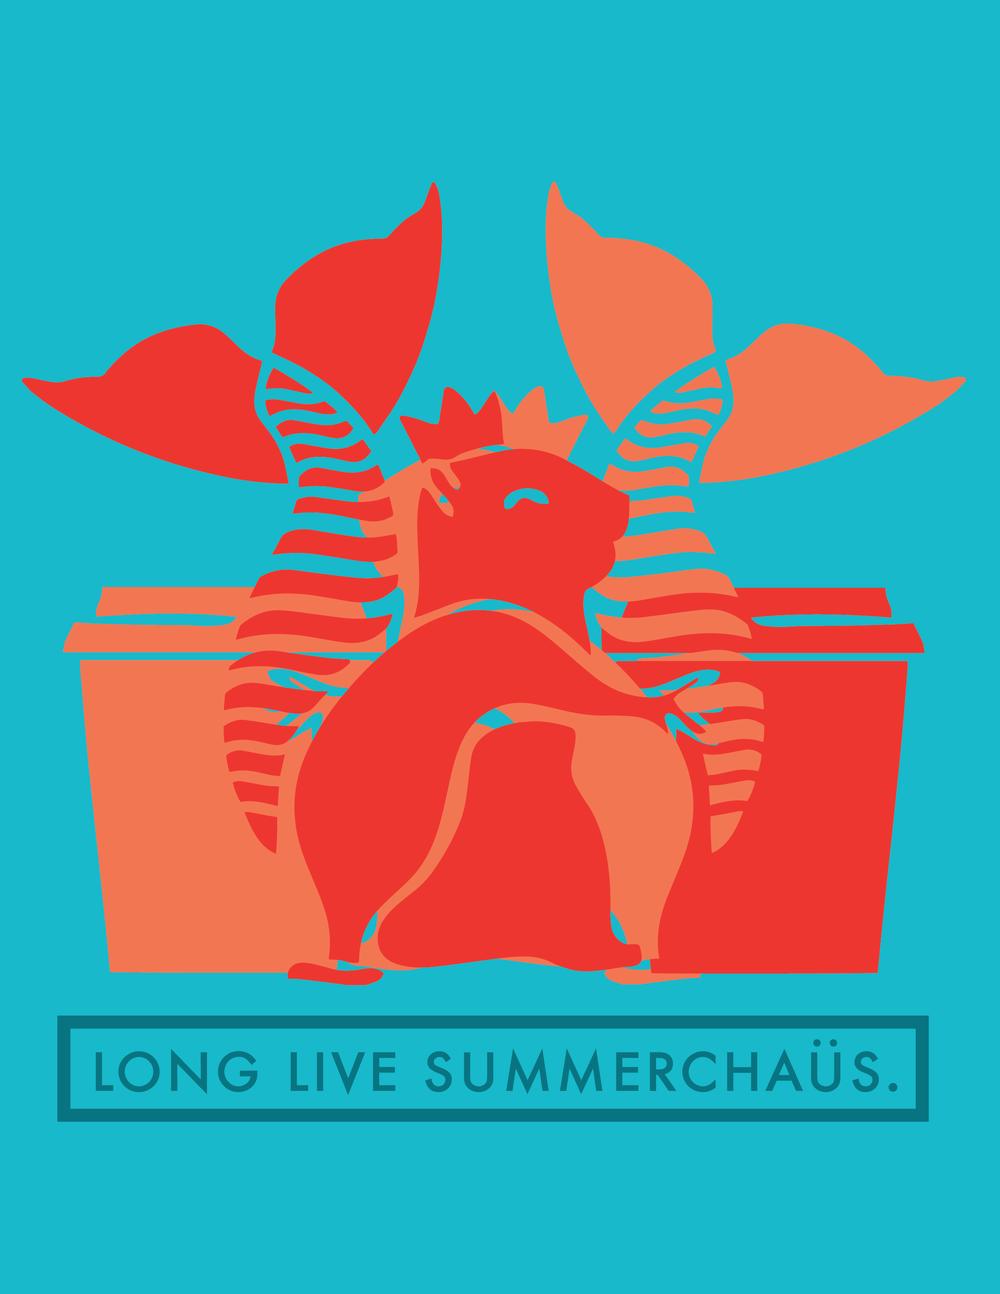 Summerchaus2-01.png